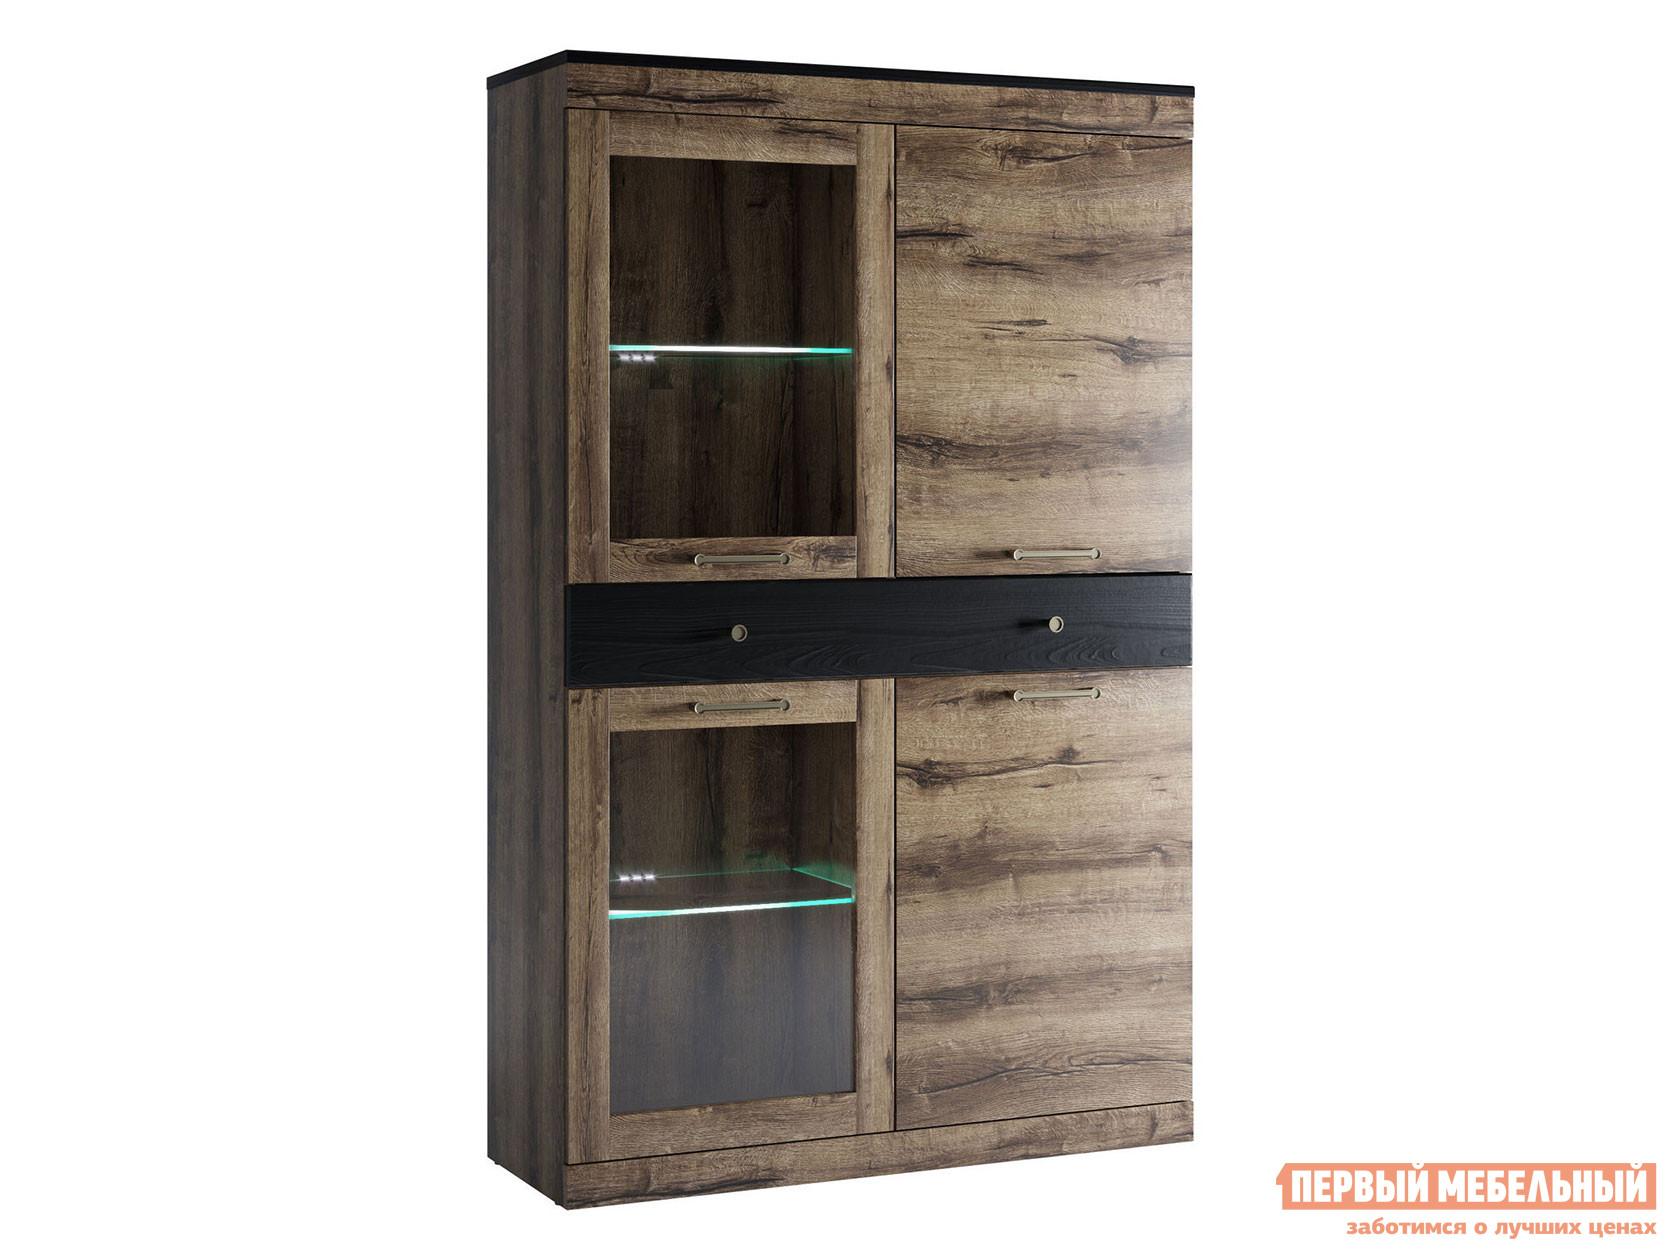 Шкаф-витрина  Шкаф Джагер 9 Дуб монастырский / Черный, С подсветкой Анрэкс 95021